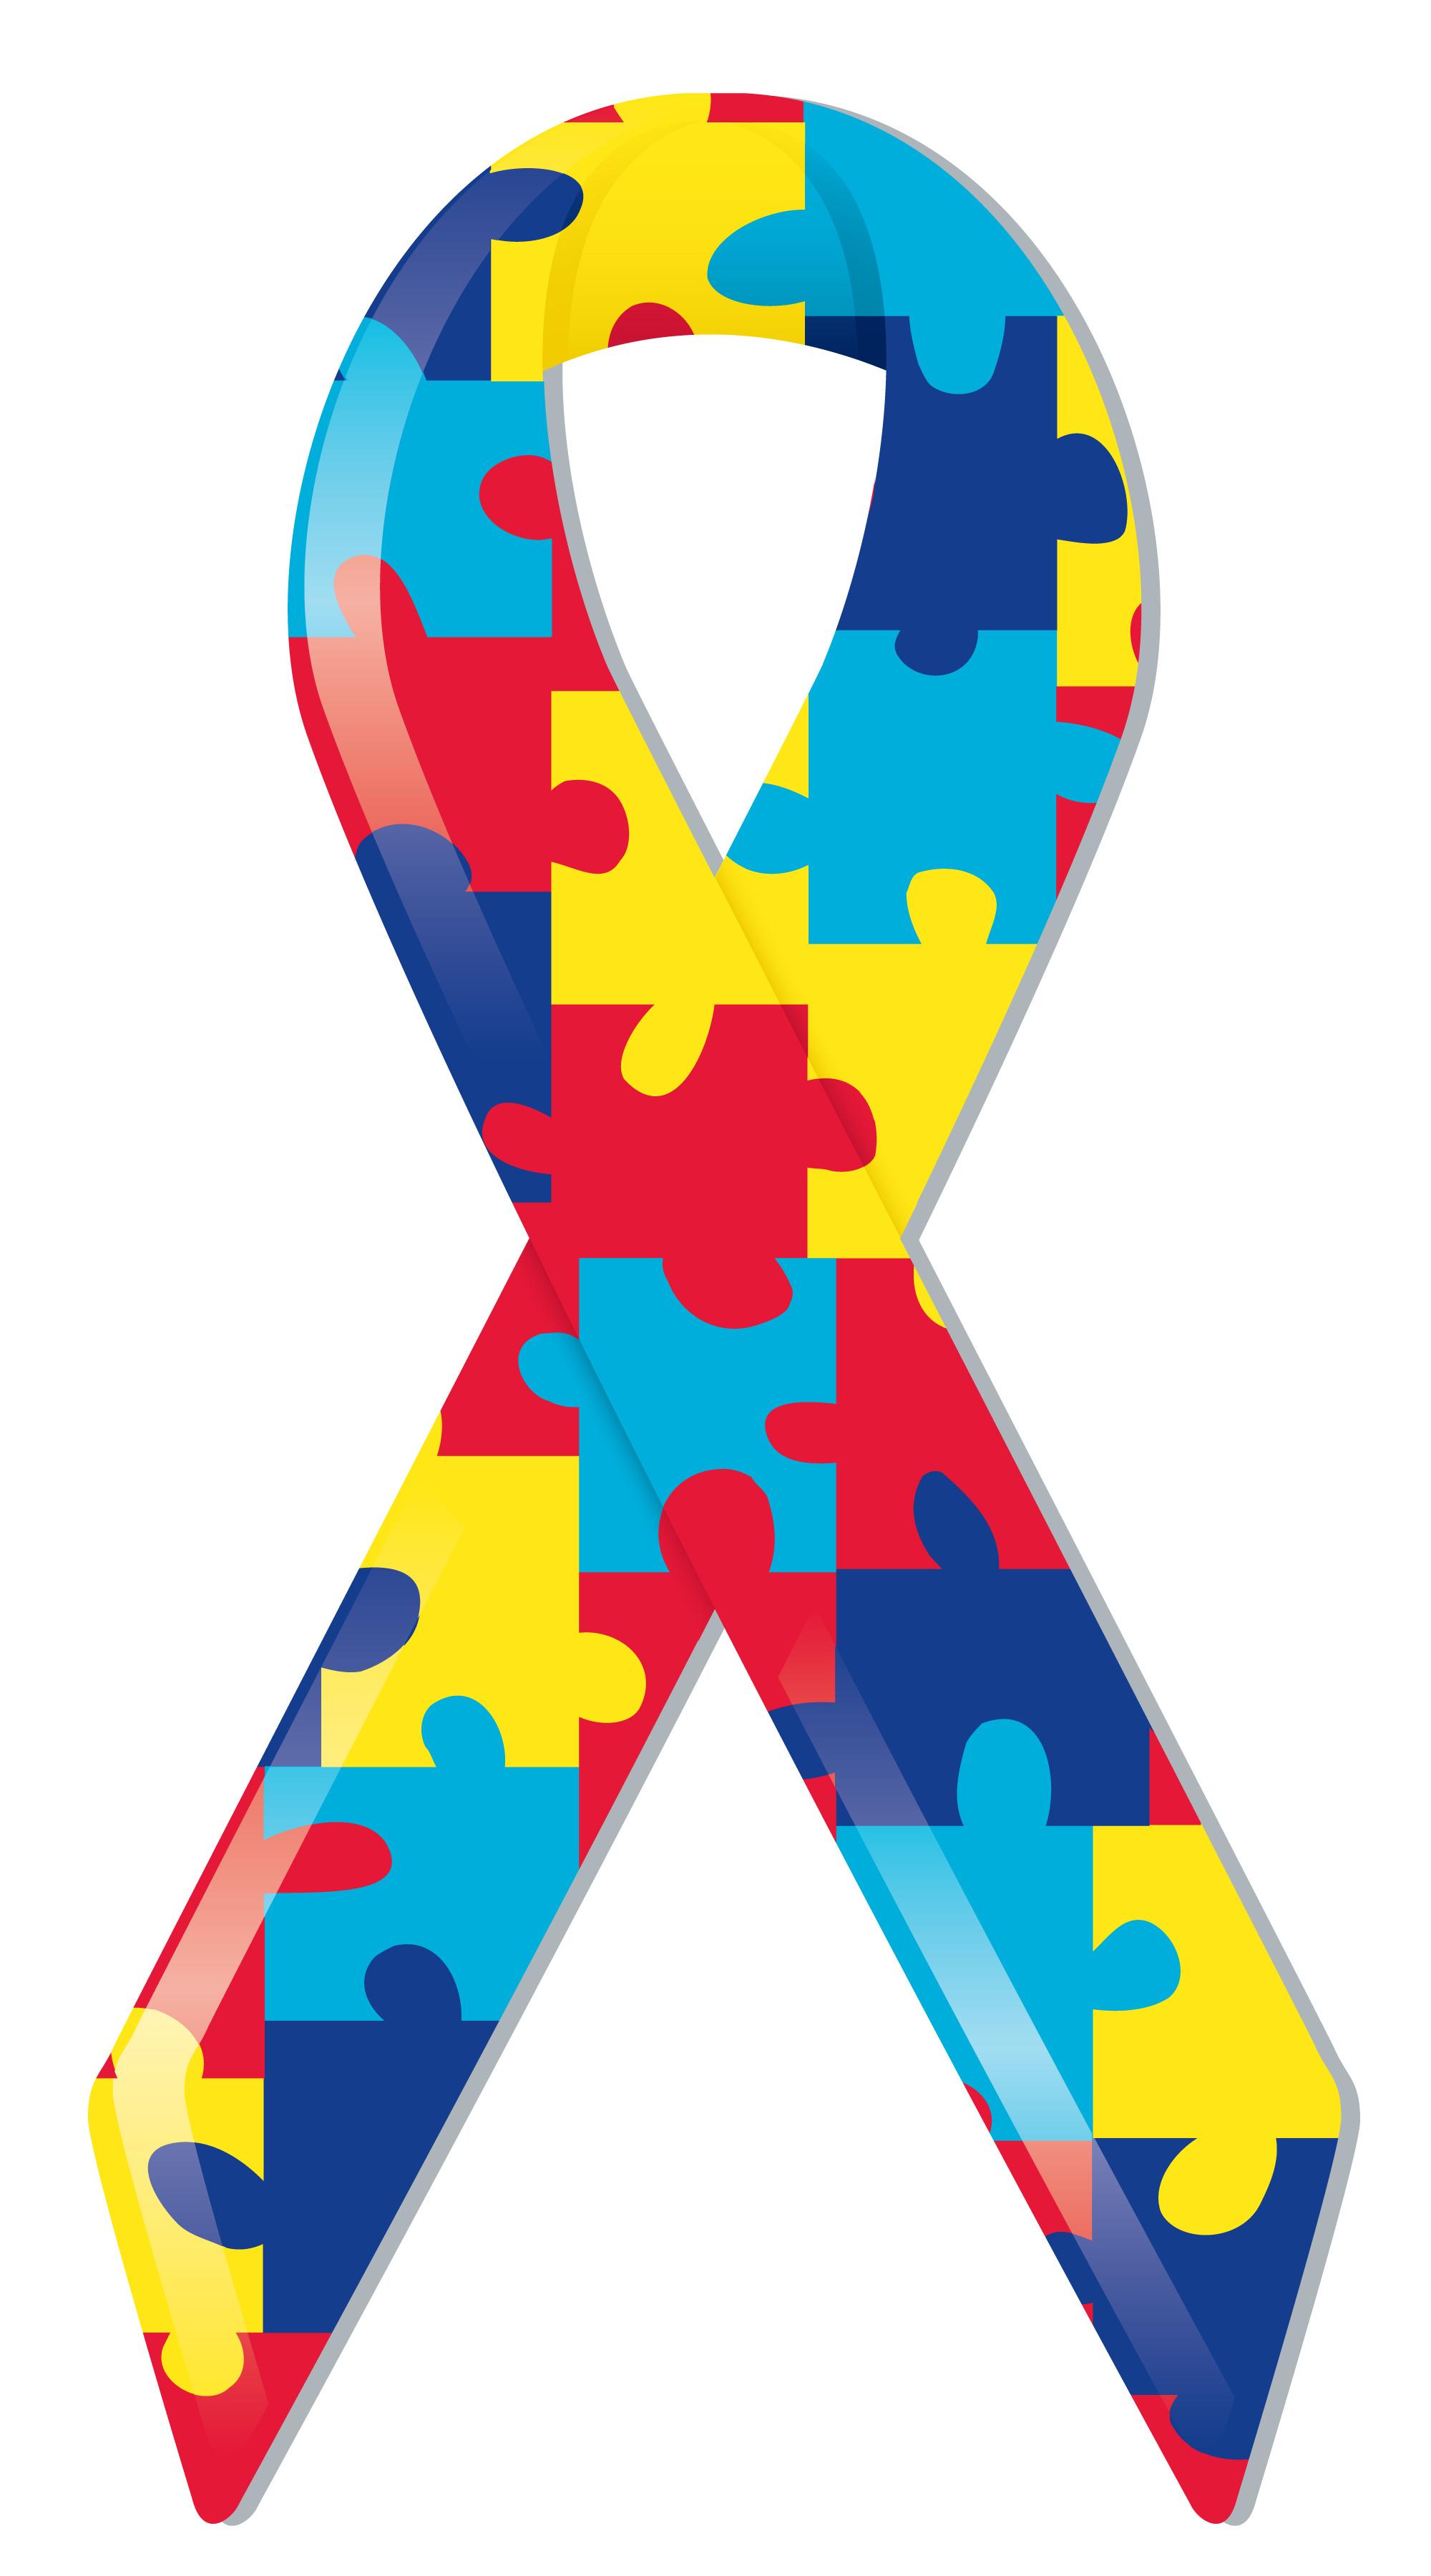 autism-symbol-clipart-1